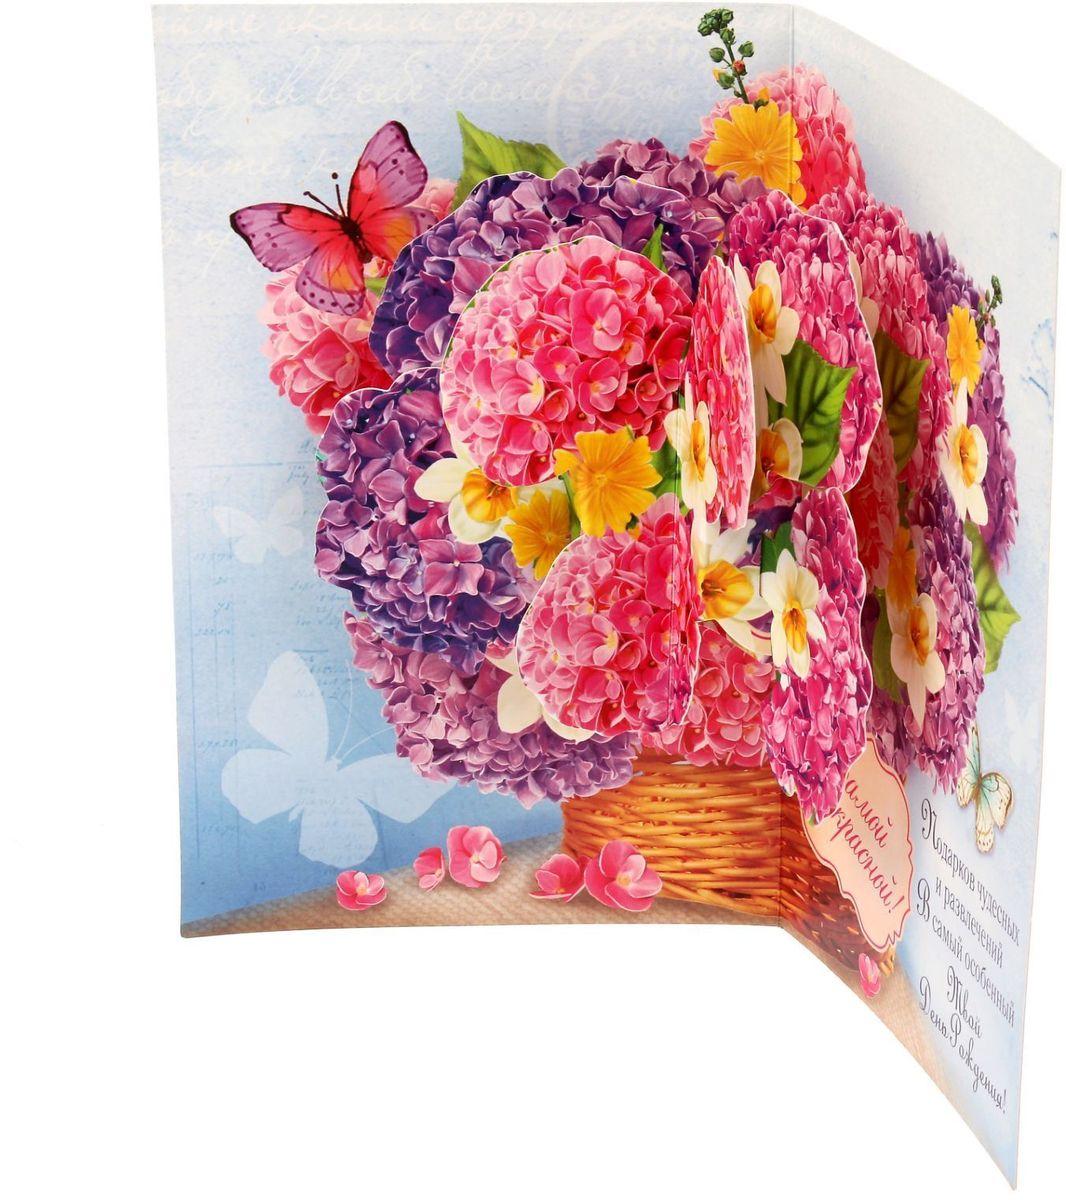 Ваза объемная для открытки с днем рождения